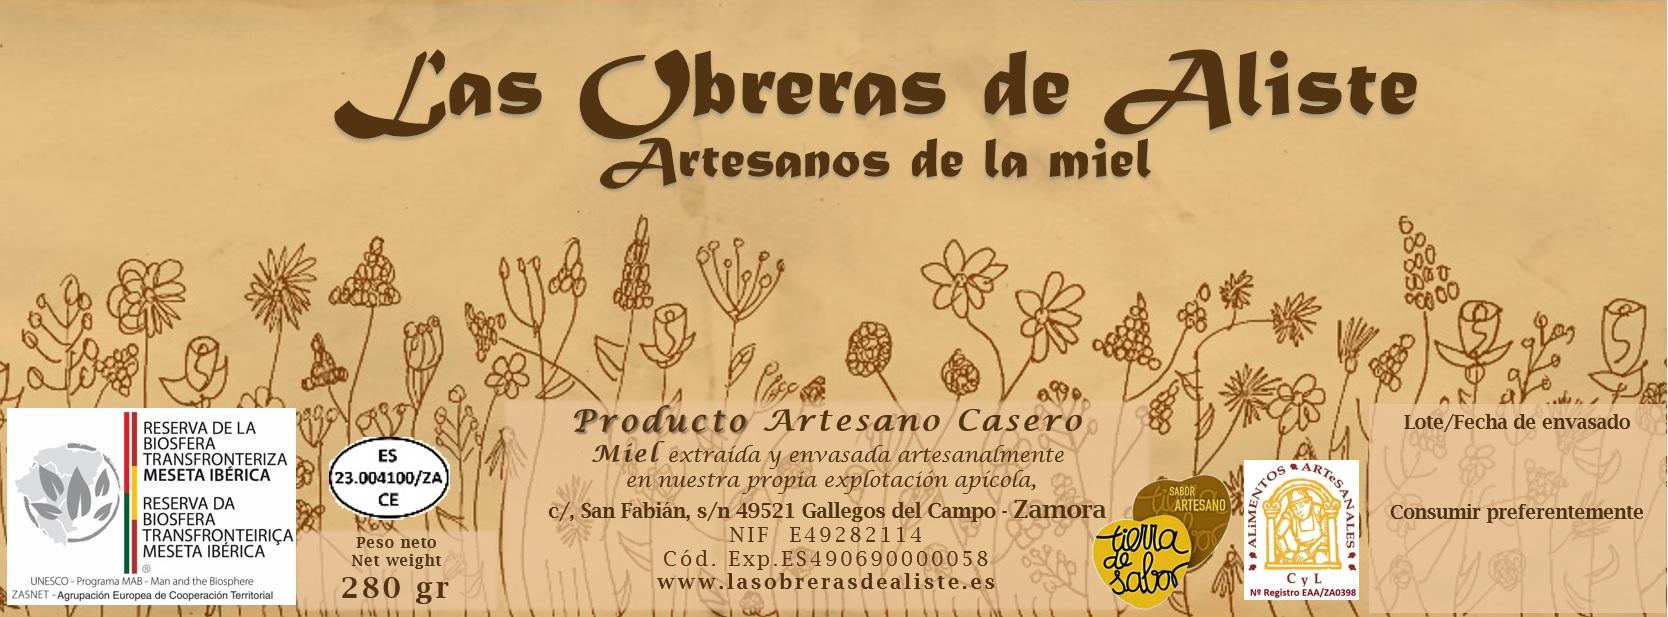 01 etiqueta gourmet Las Obreras de aliste cb miel zamora